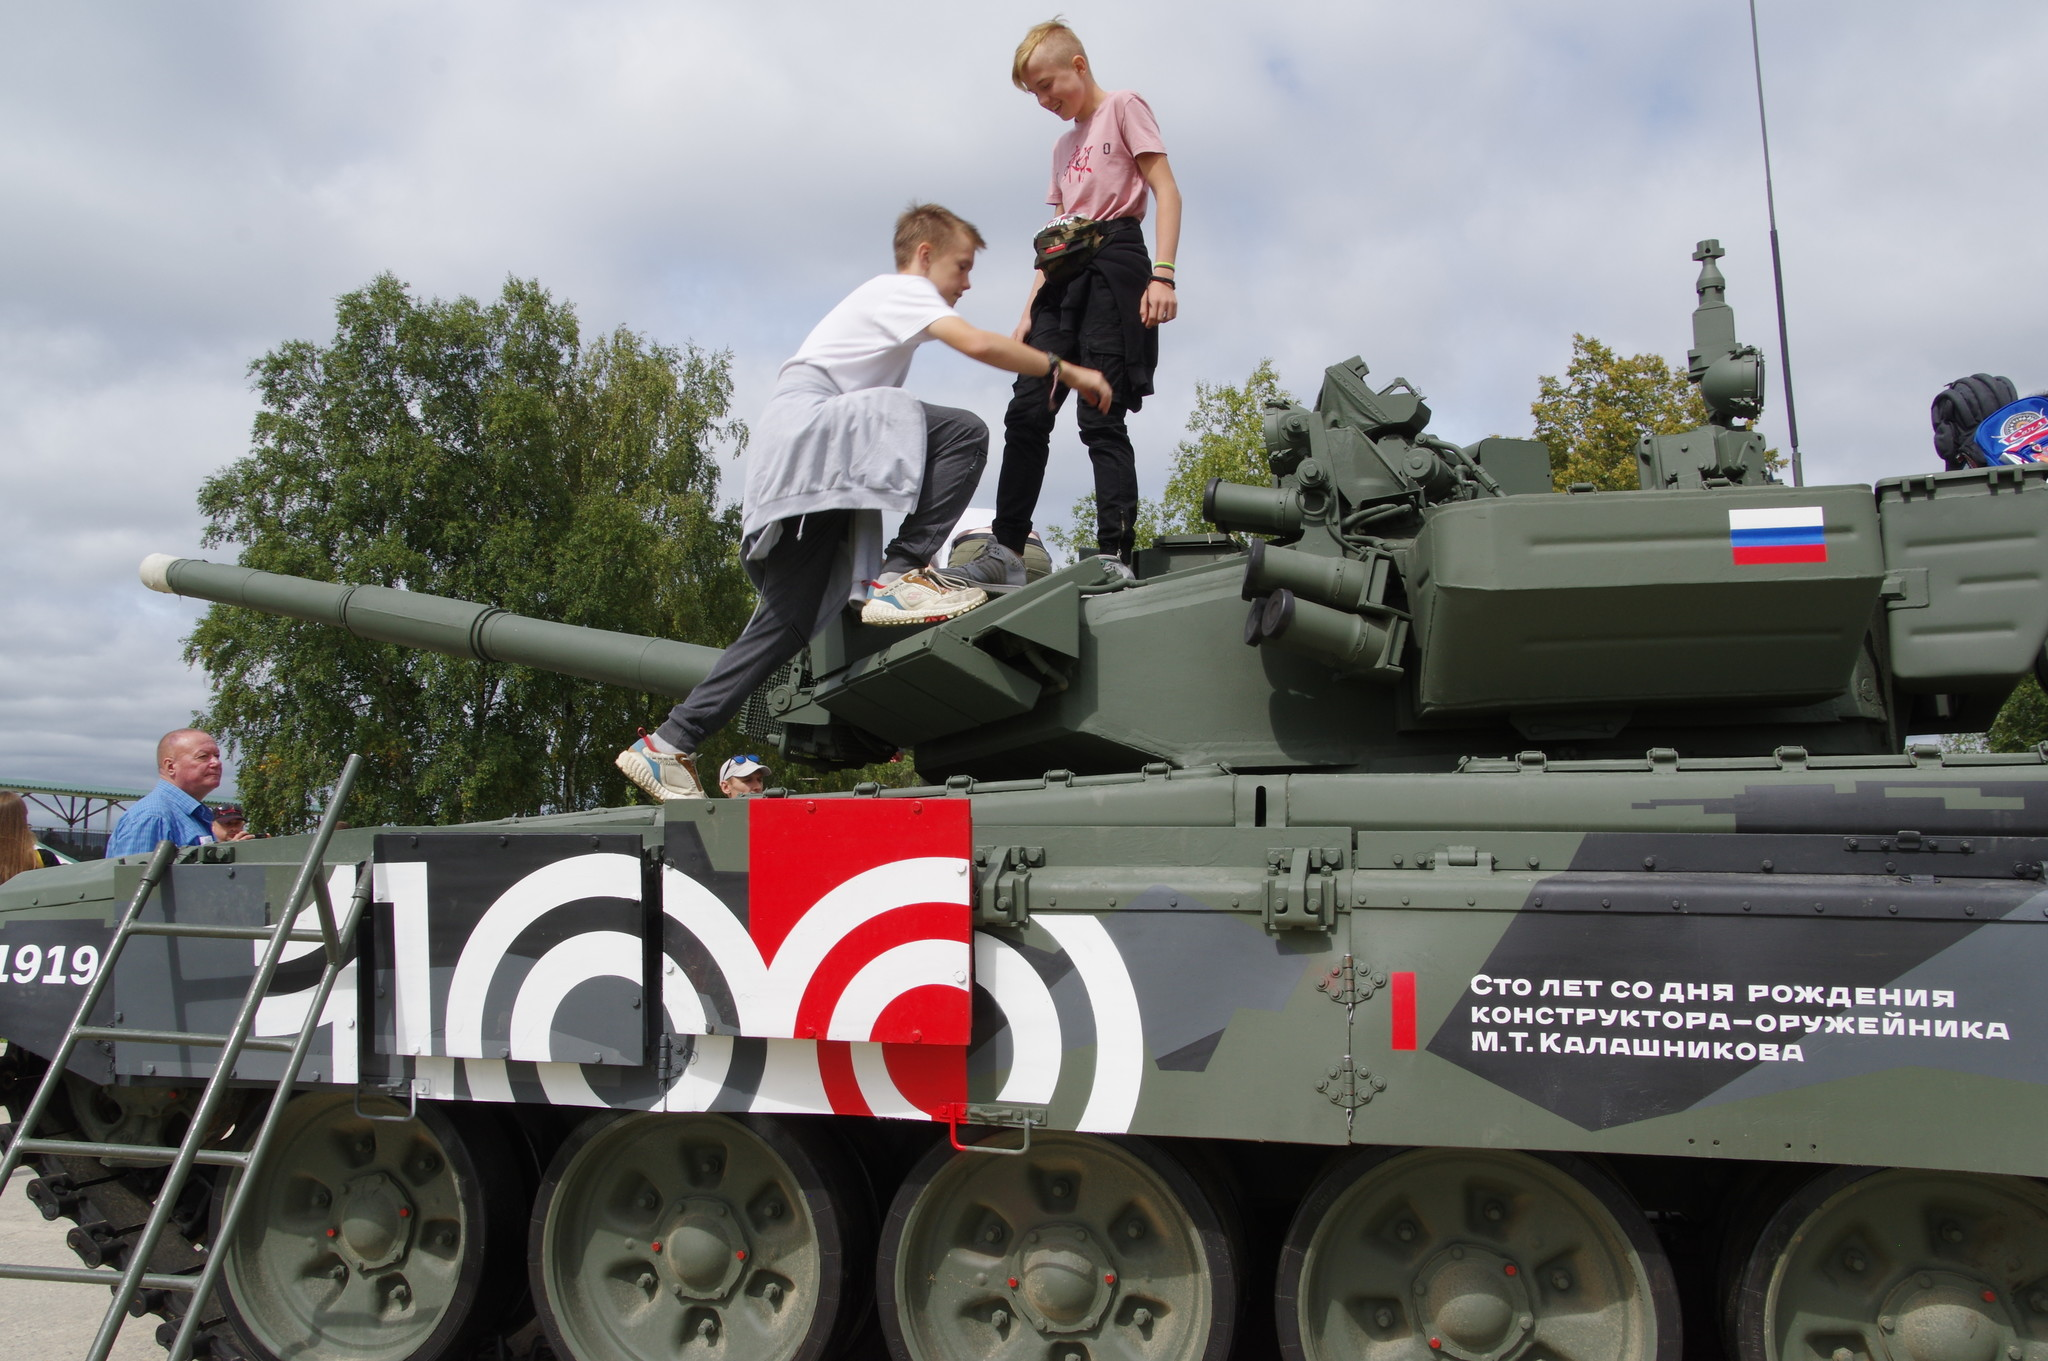 Основной боевой танк Т-90А. Сто лет со дня рождения конструктора-оружейника М.Т. Калашникова